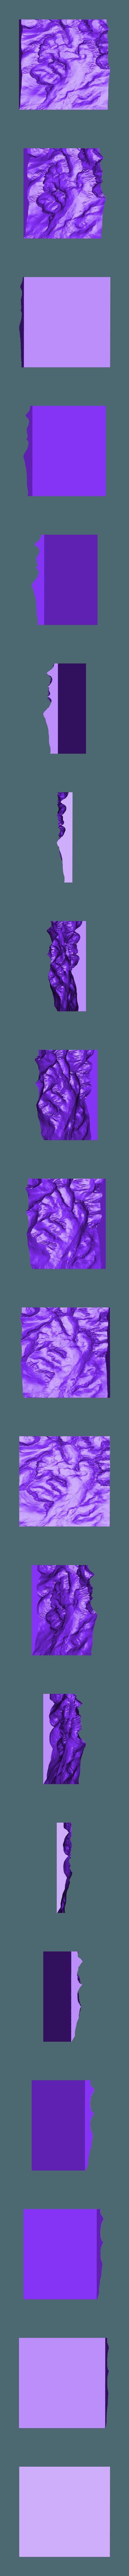 Miter_Basin_250_-_repaired.stl Télécharger fichier STL gratuit Cartes du parc Sequoia et King's Canyon • Objet pour impression 3D, WalterHsiao